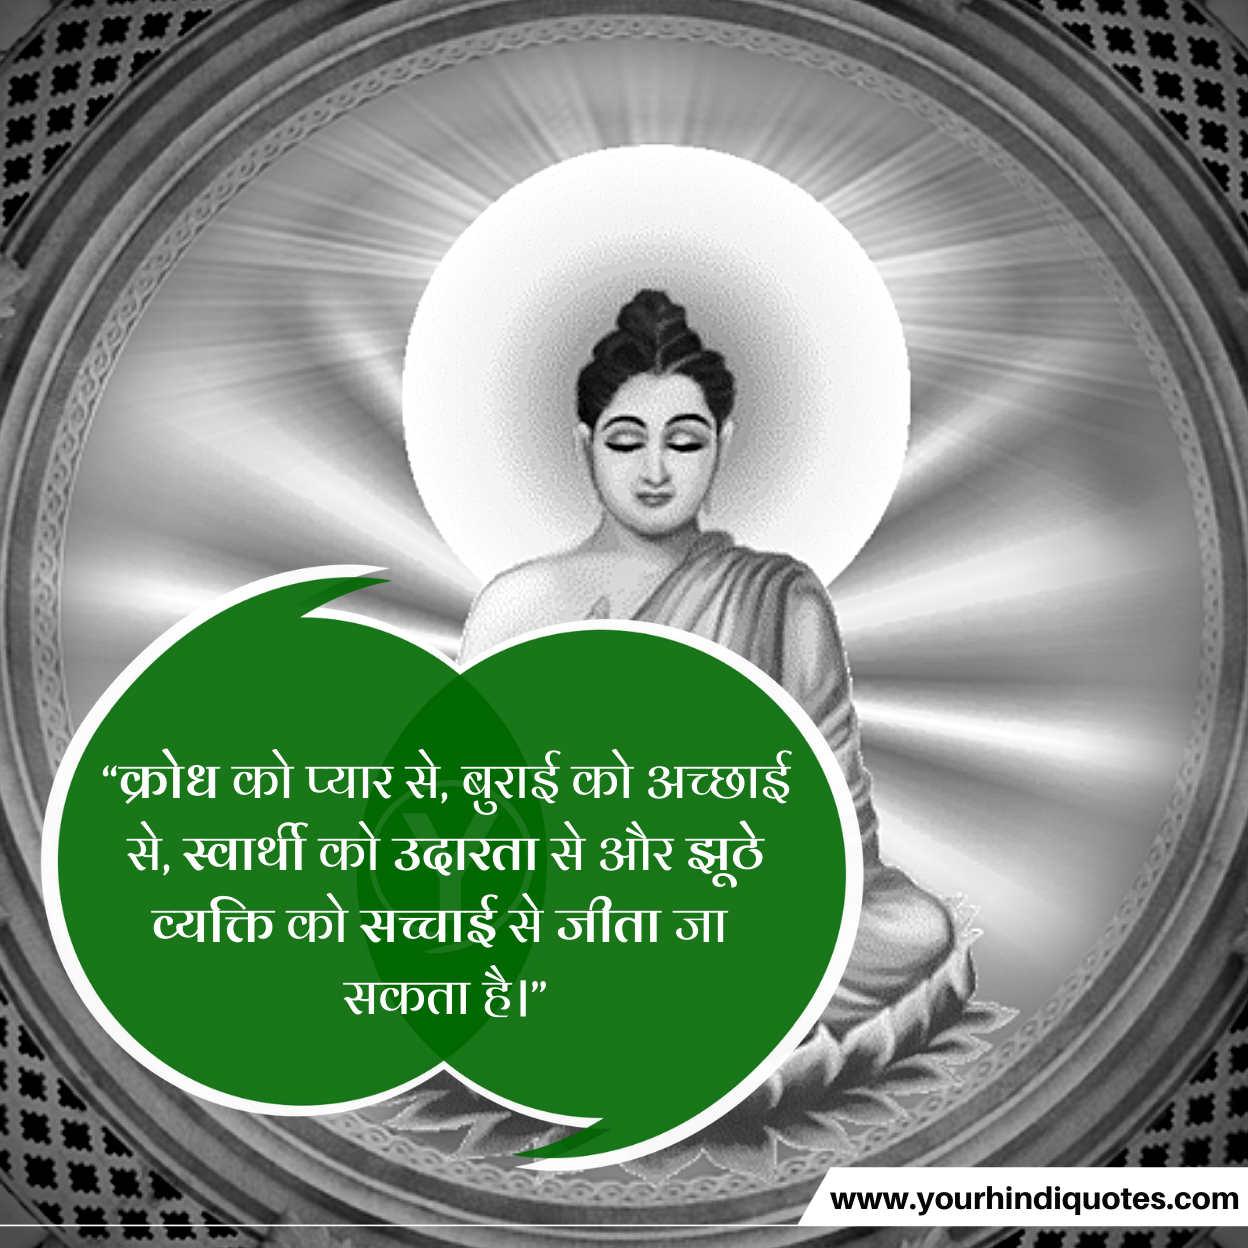 Gautam Buddha Hindi Updesh Pictures